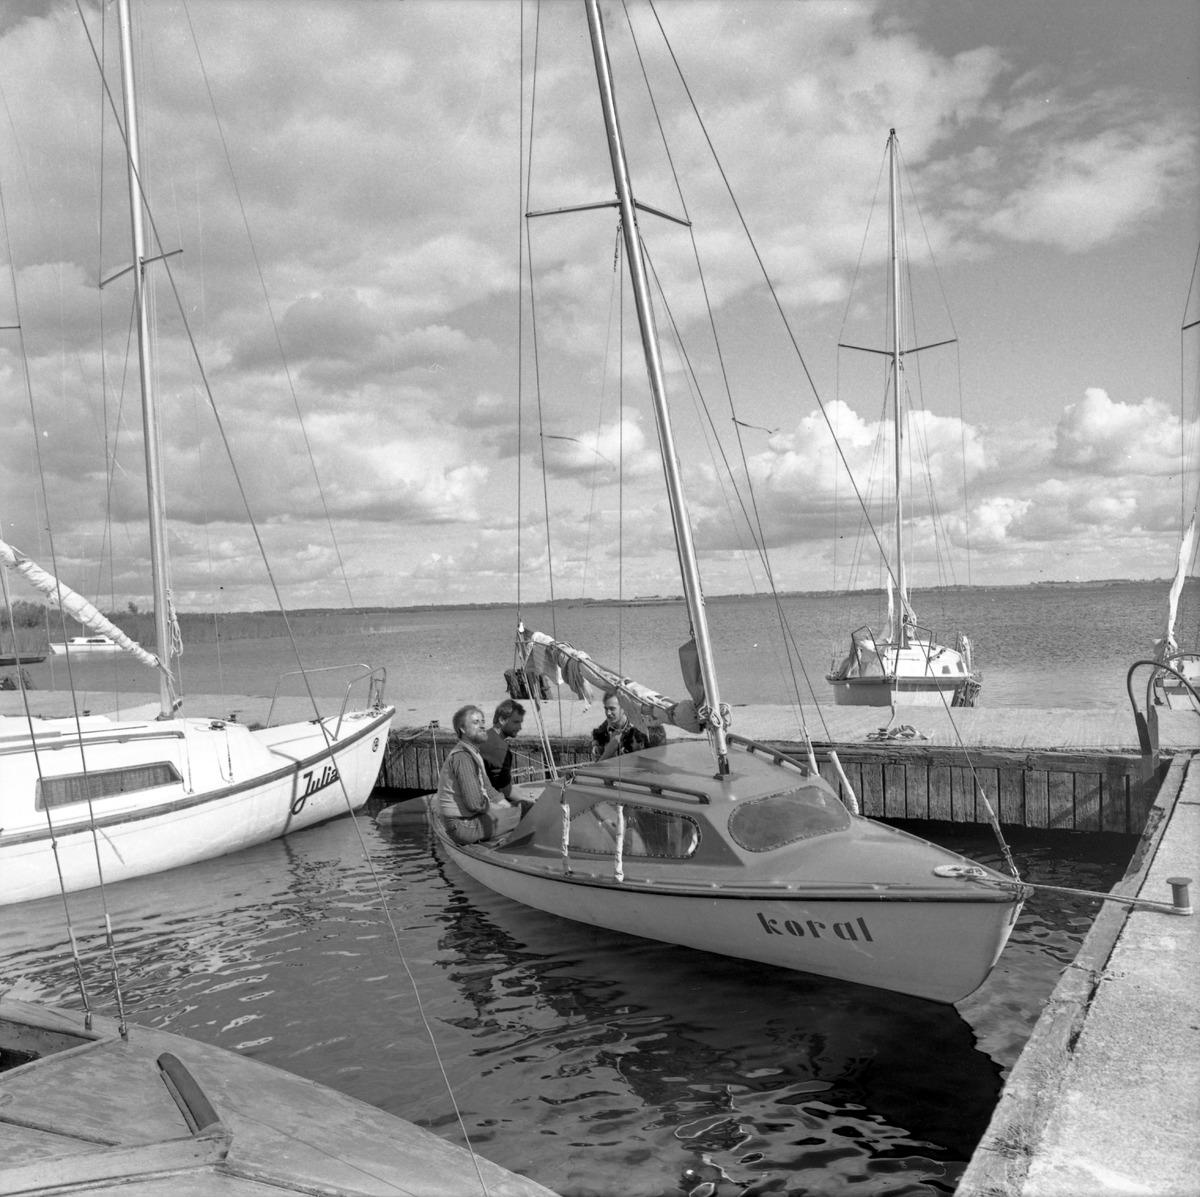 Port PTTK w Wilkasach [1]